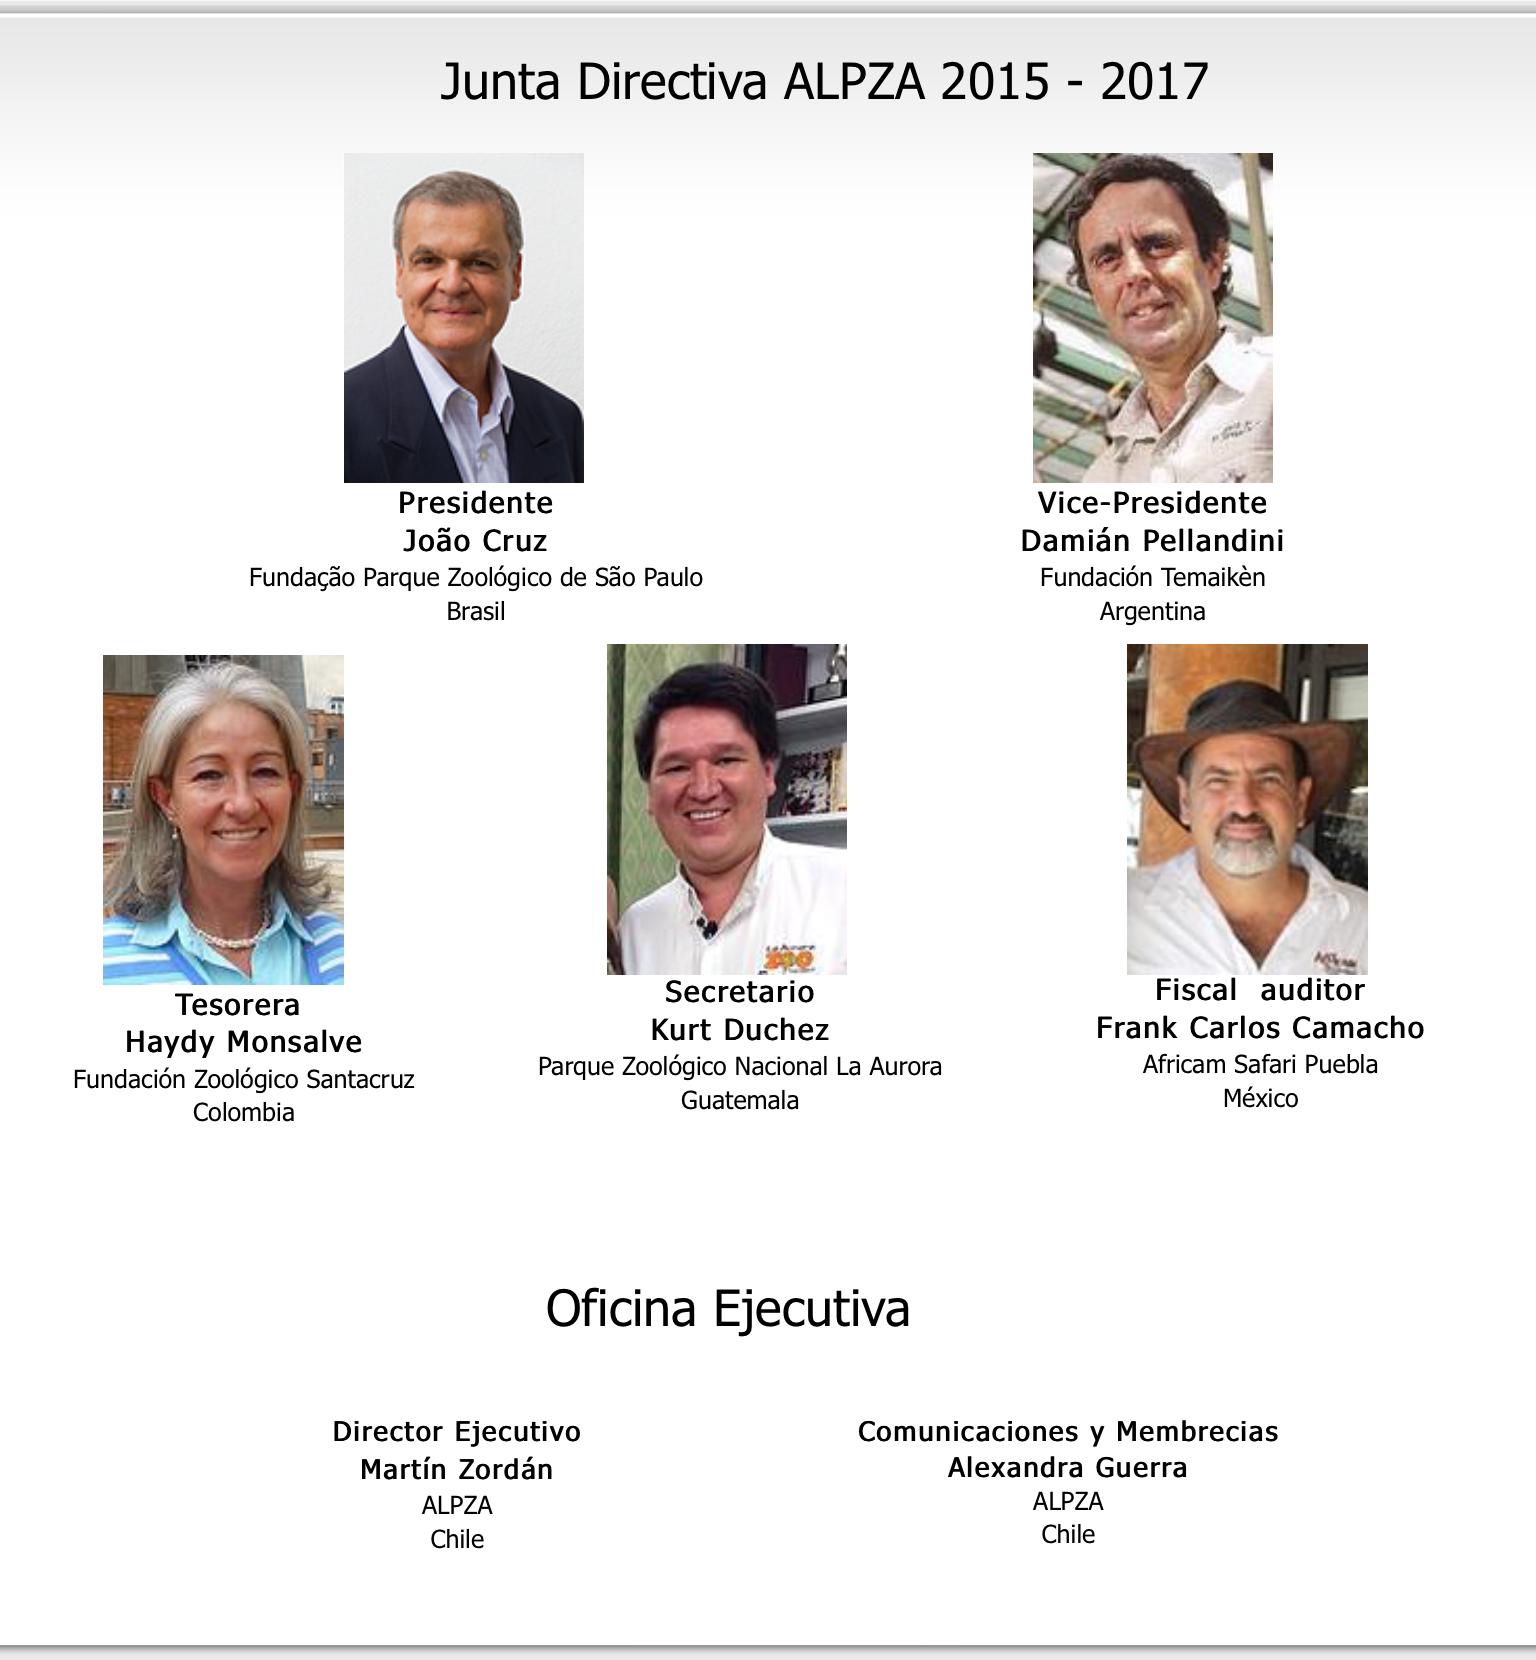 La doctora Haydy Monsalve continua siendo parte de la junta directiva de ALPZA 2015-2017